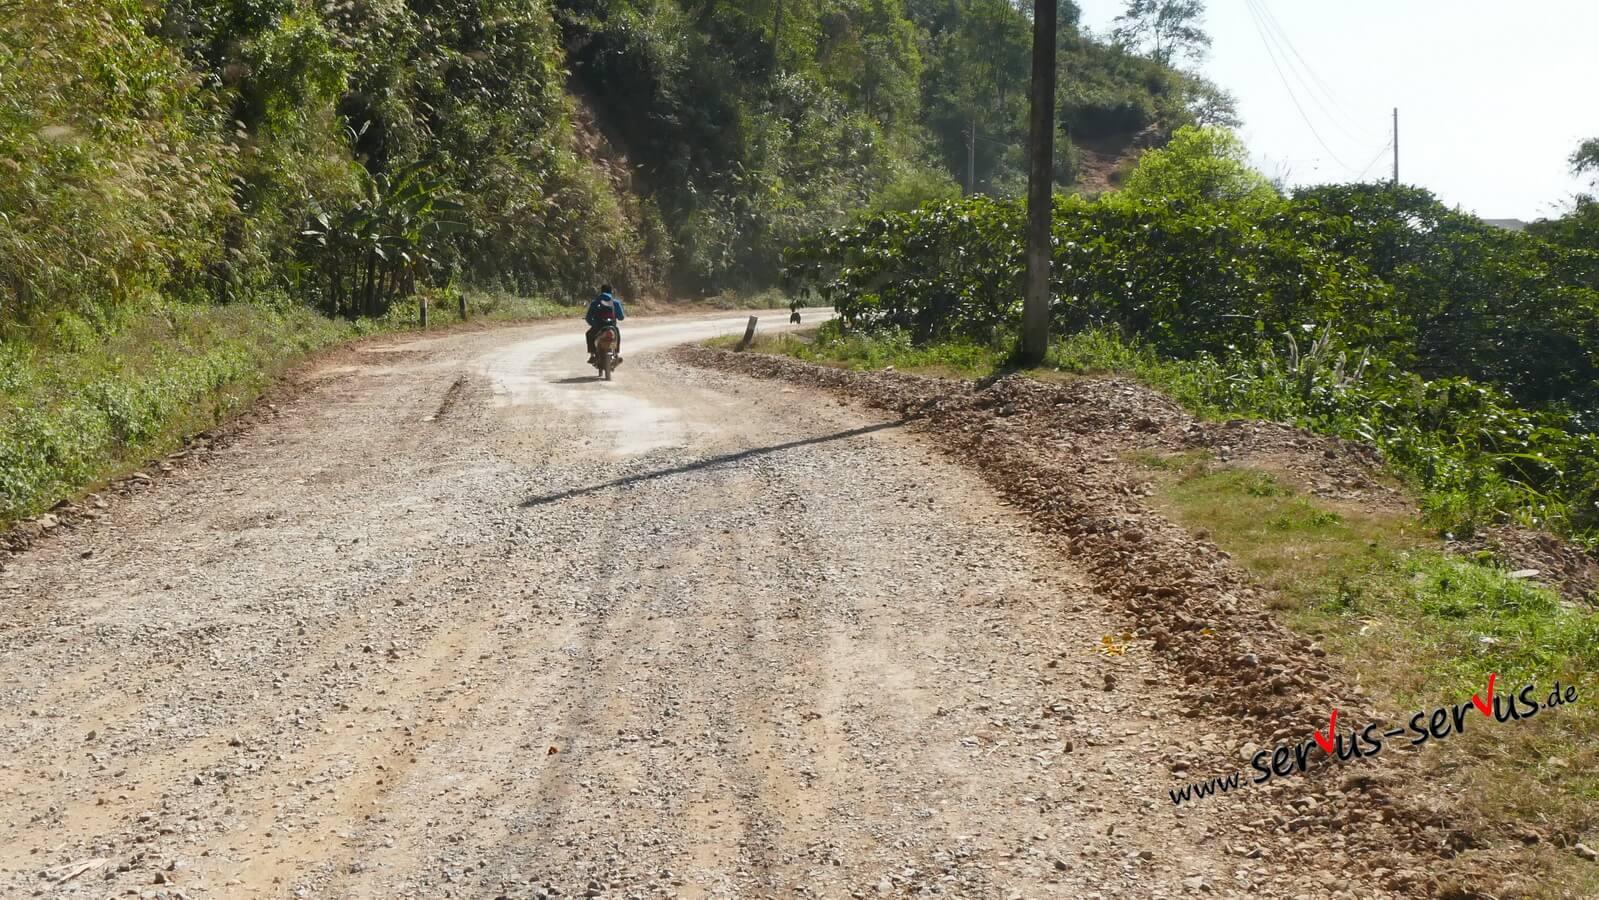 Straße in laos schotterweg mit moped